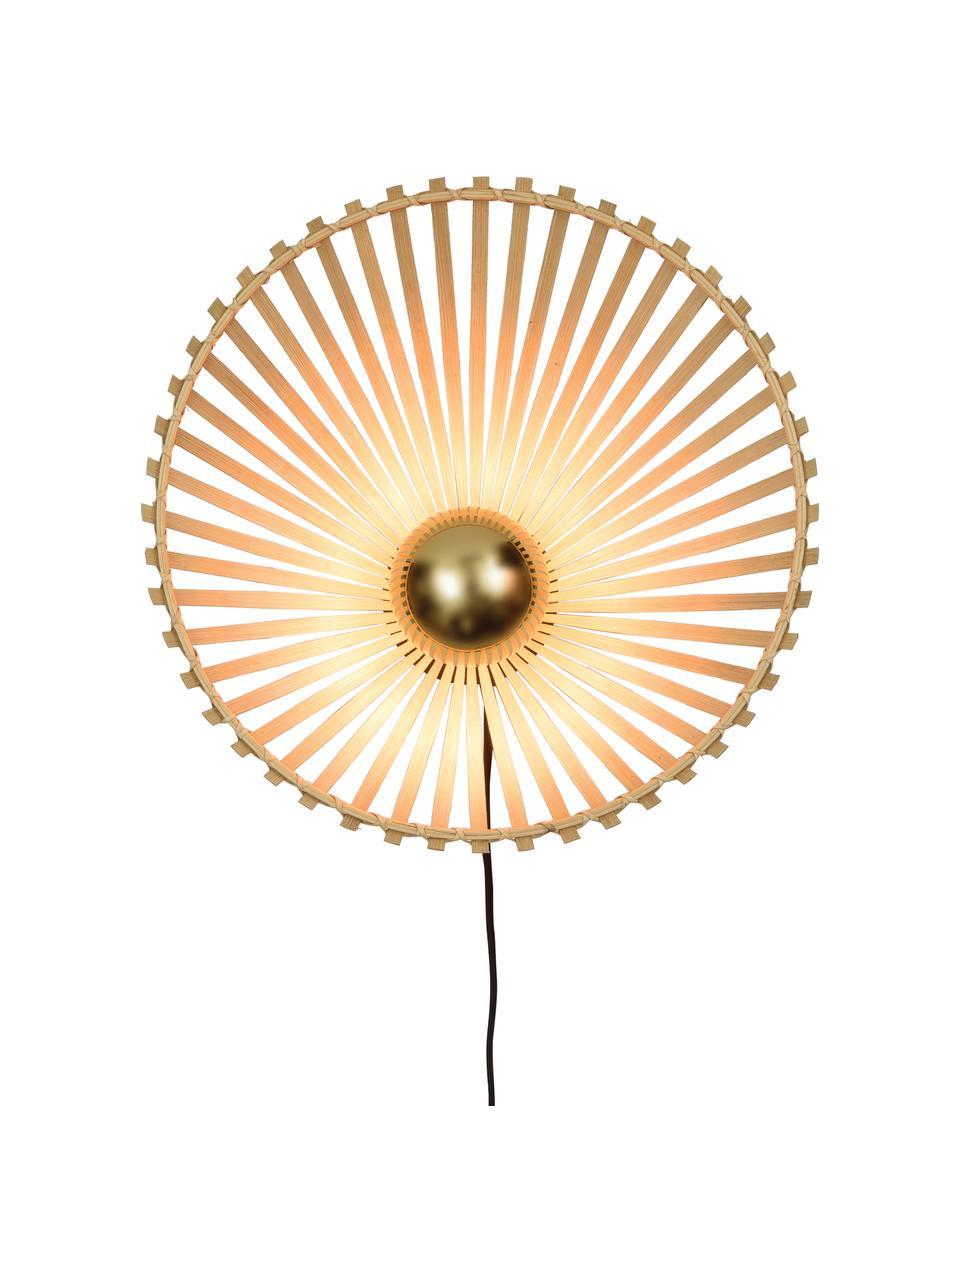 Kinkiet z wtyczką Bromo, Beżowy, czarny, Ø 40 x W 40 cm